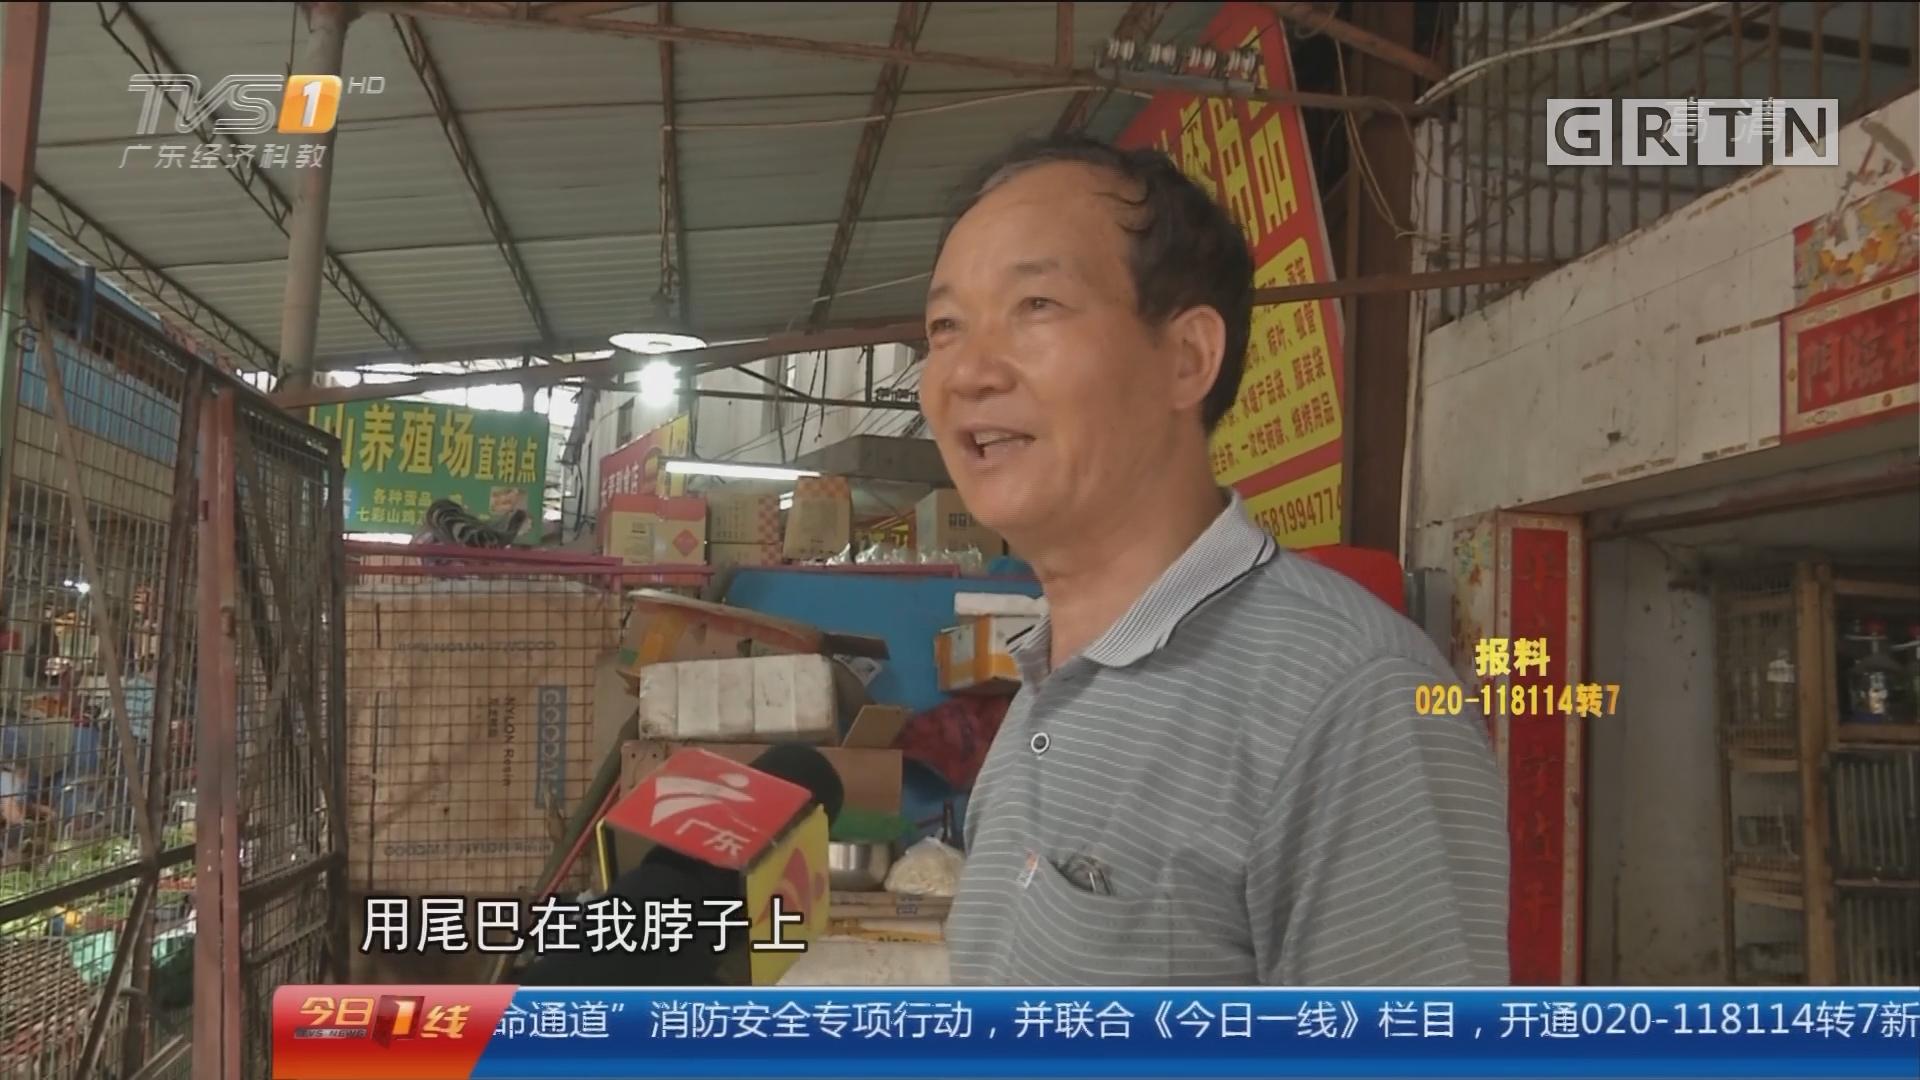 """江门水口镇:大蛇外墙游走 """"高人""""徒手抓捕"""